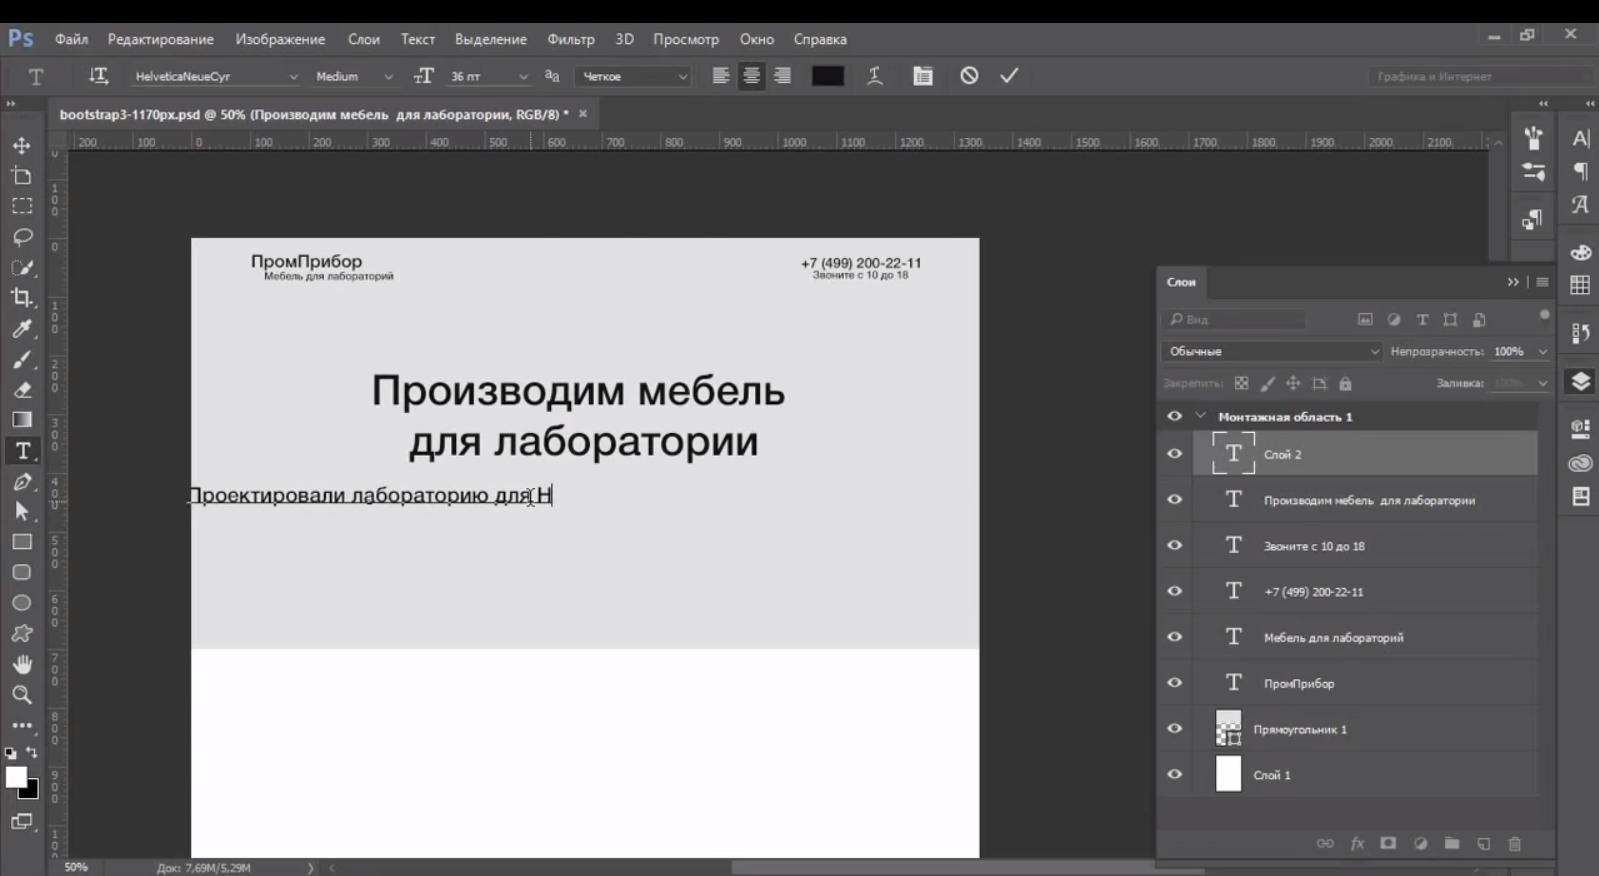 прототипирование с помощью Adobe Photoshop